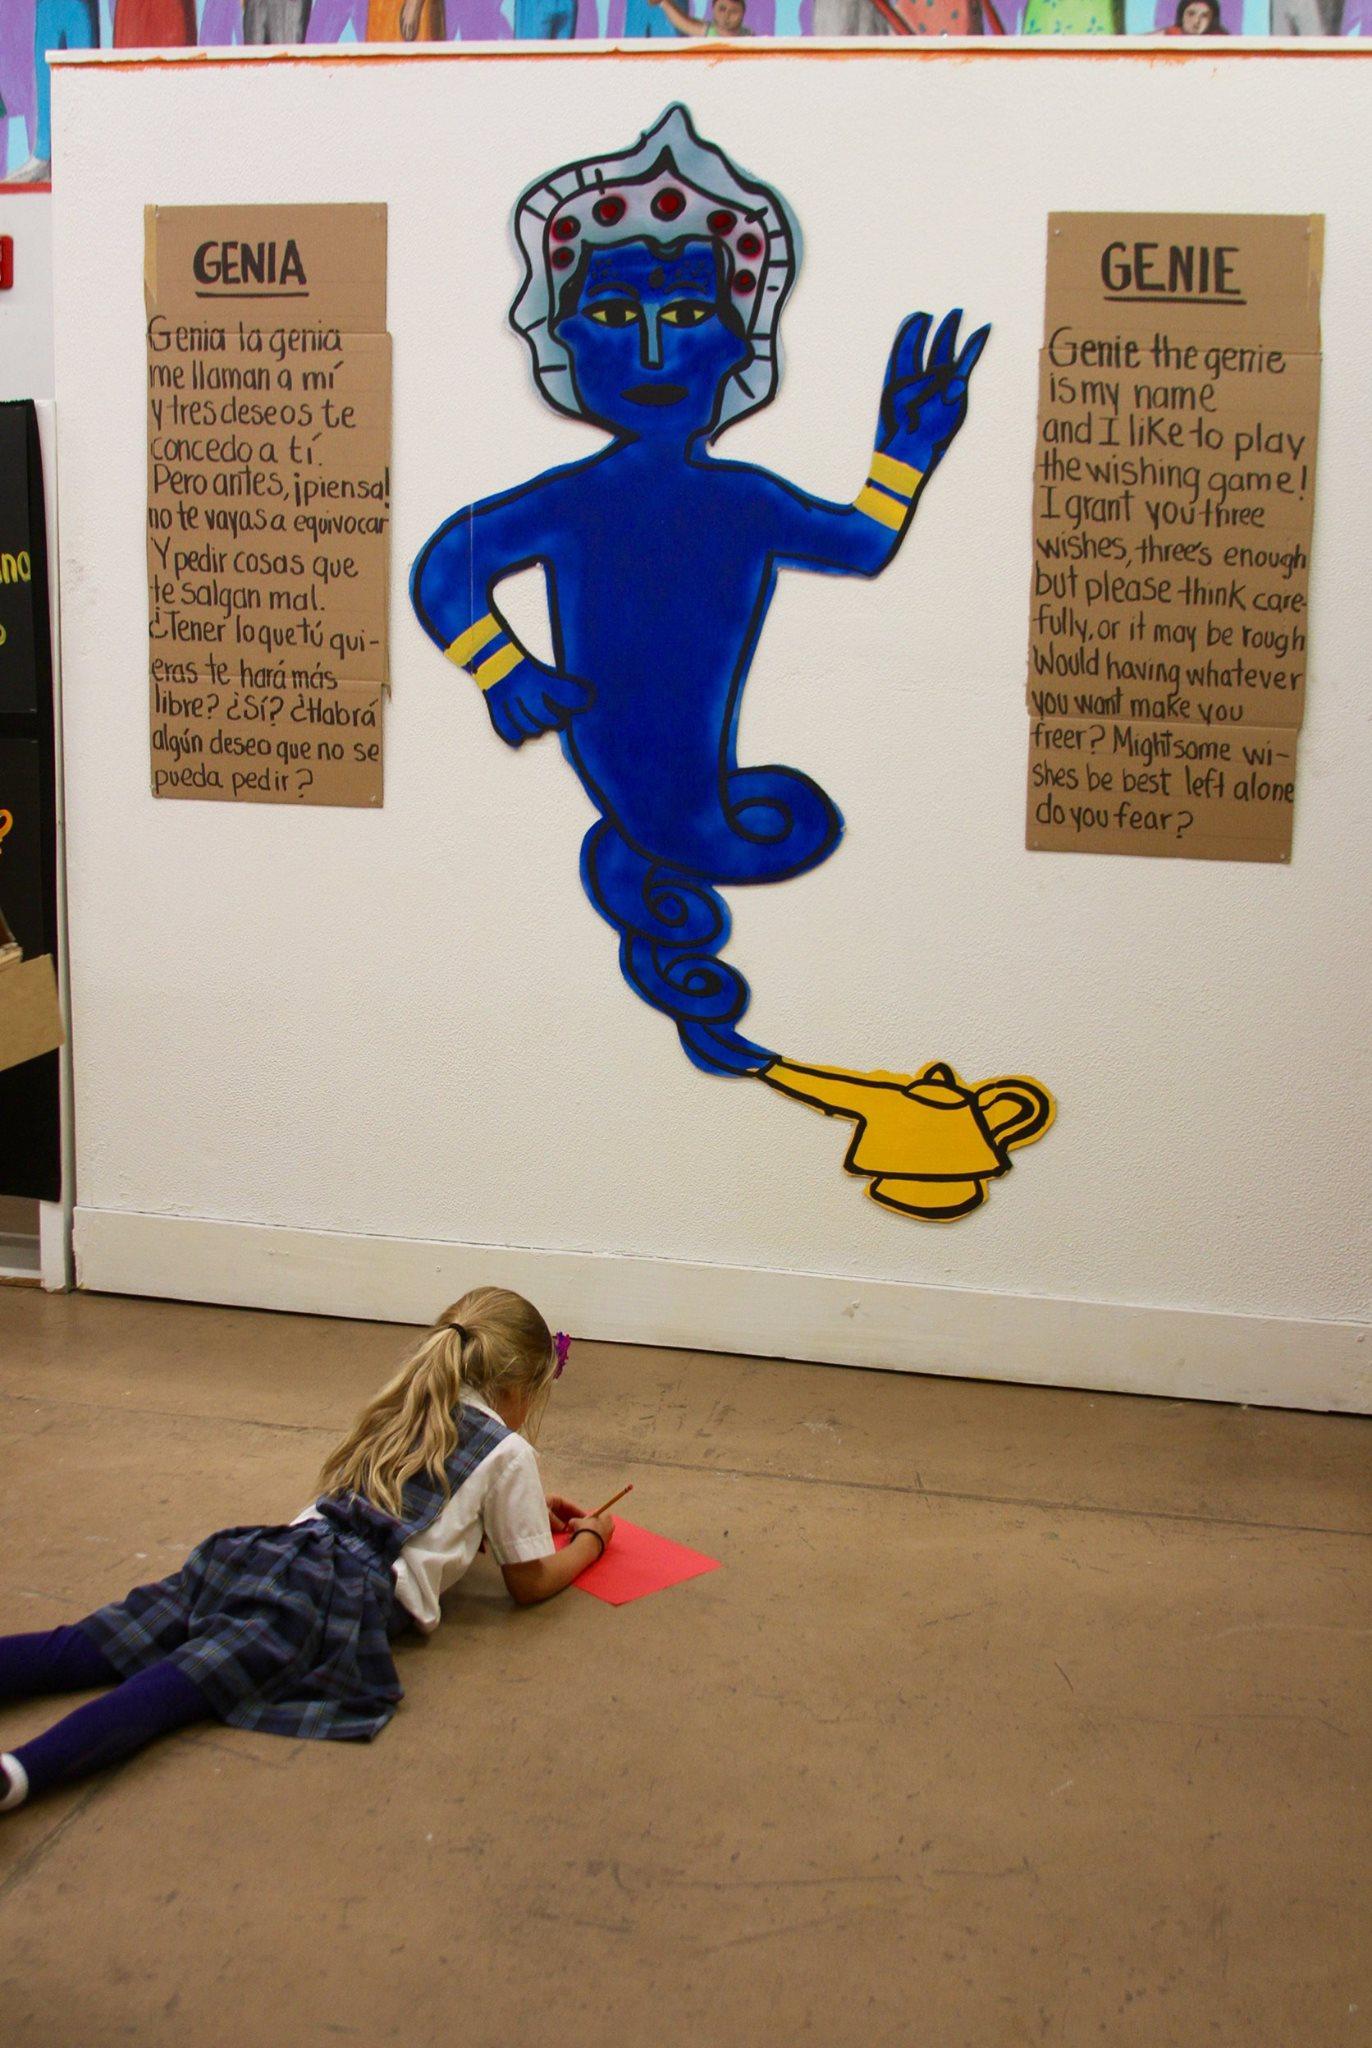 'Genie the genie.' Photo credit: Luis Hernández from El Diario de El Paso.